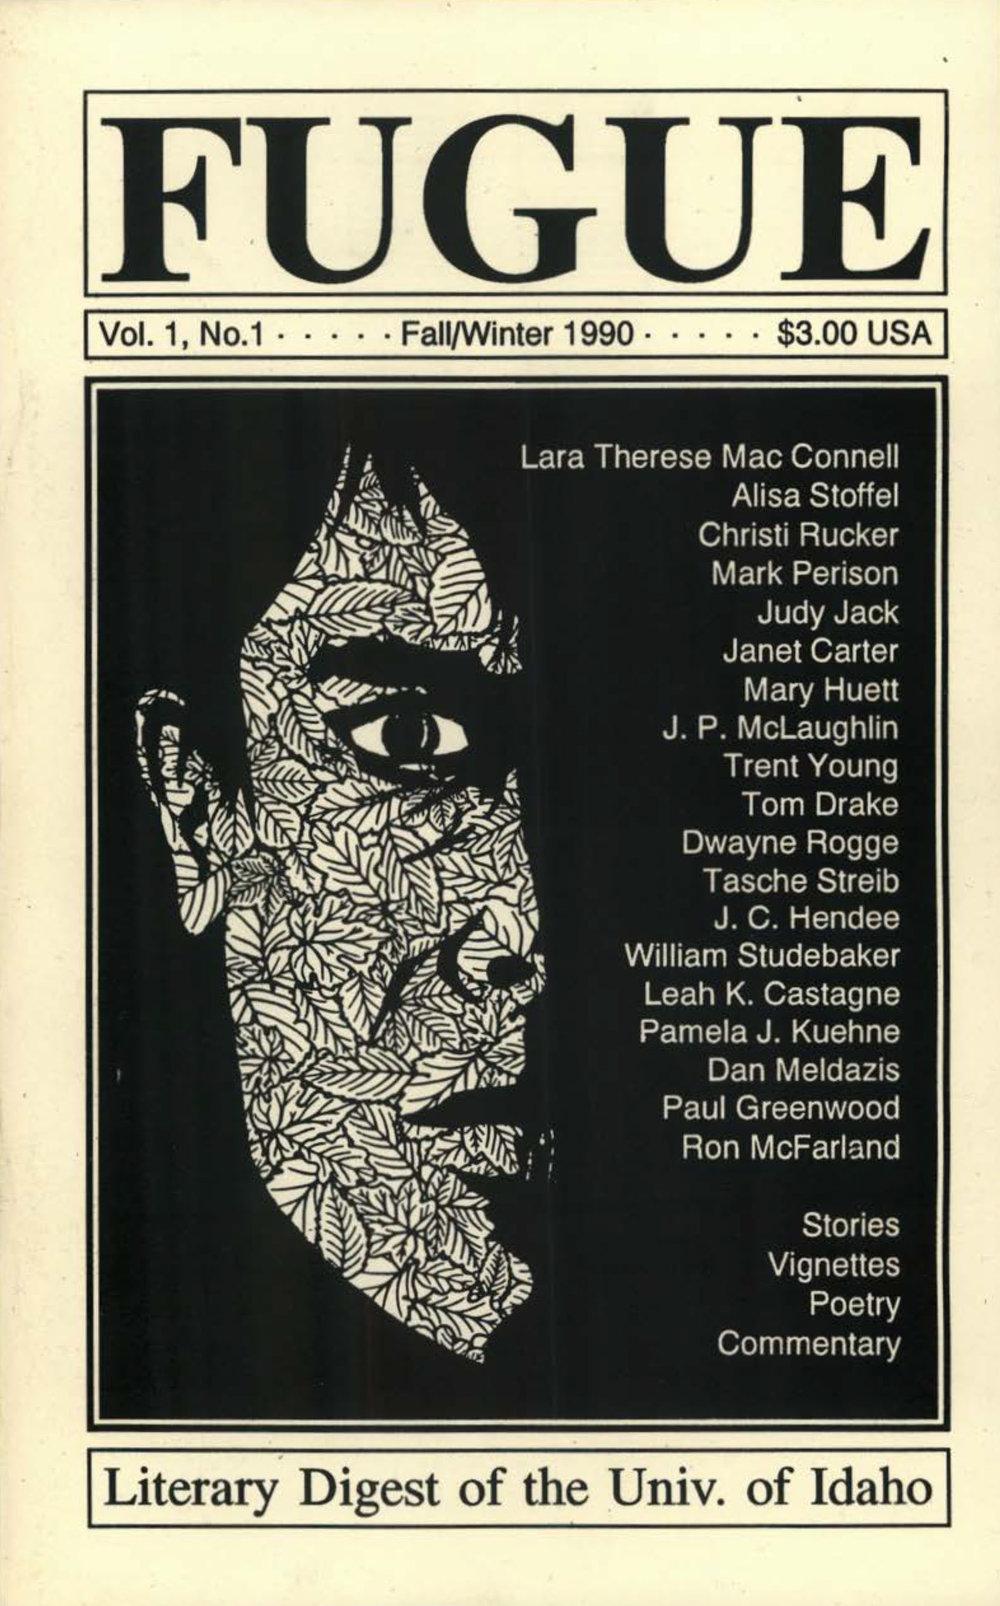 fugue 1 (1990)